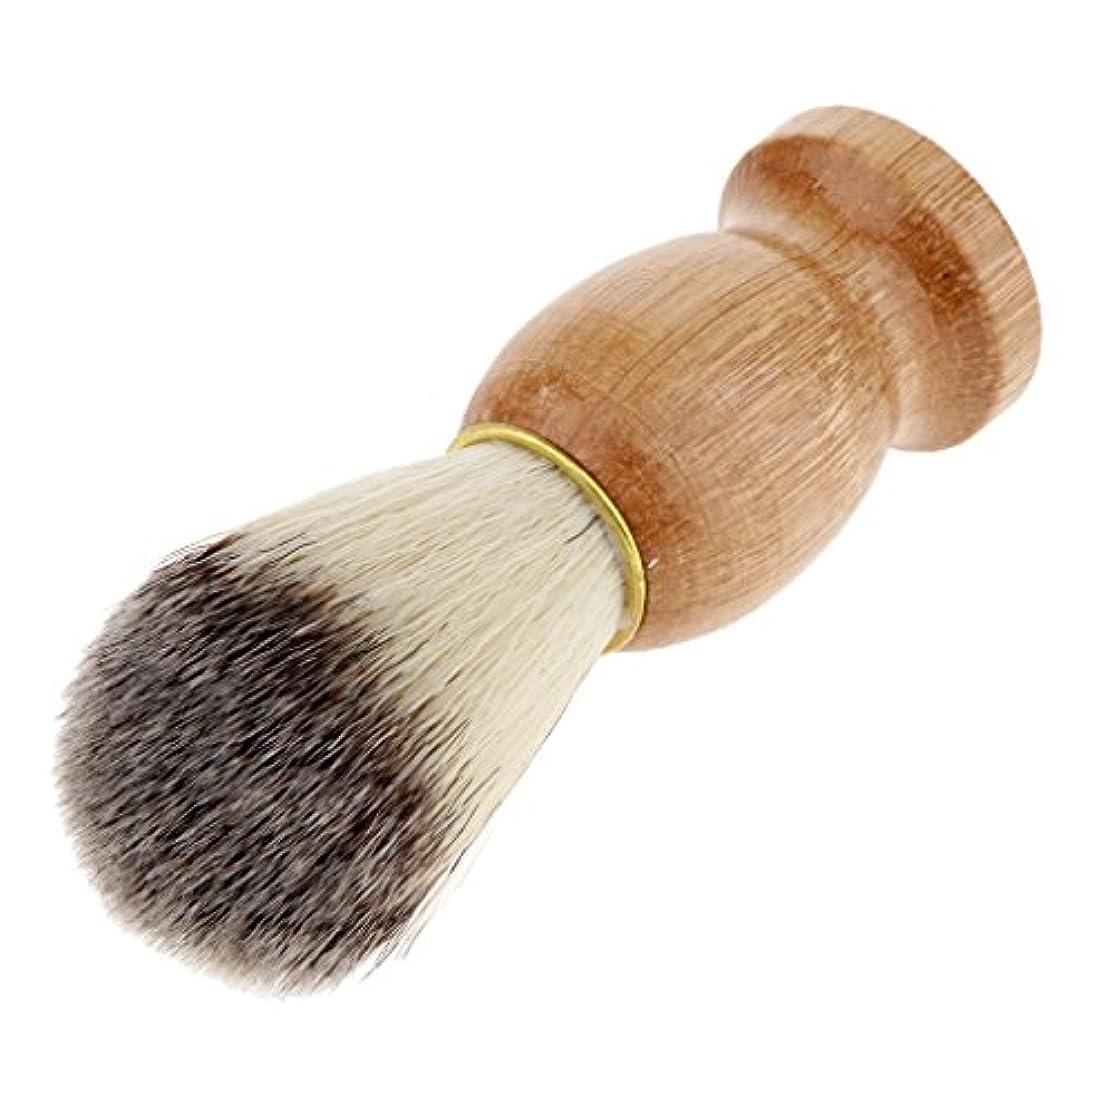 衛星多くの危険がある状況賞賛するBlesiya シェービングブラシ コスメブラシ 木製ハンドル メンズ ひげ剃りブラシ プレゼント